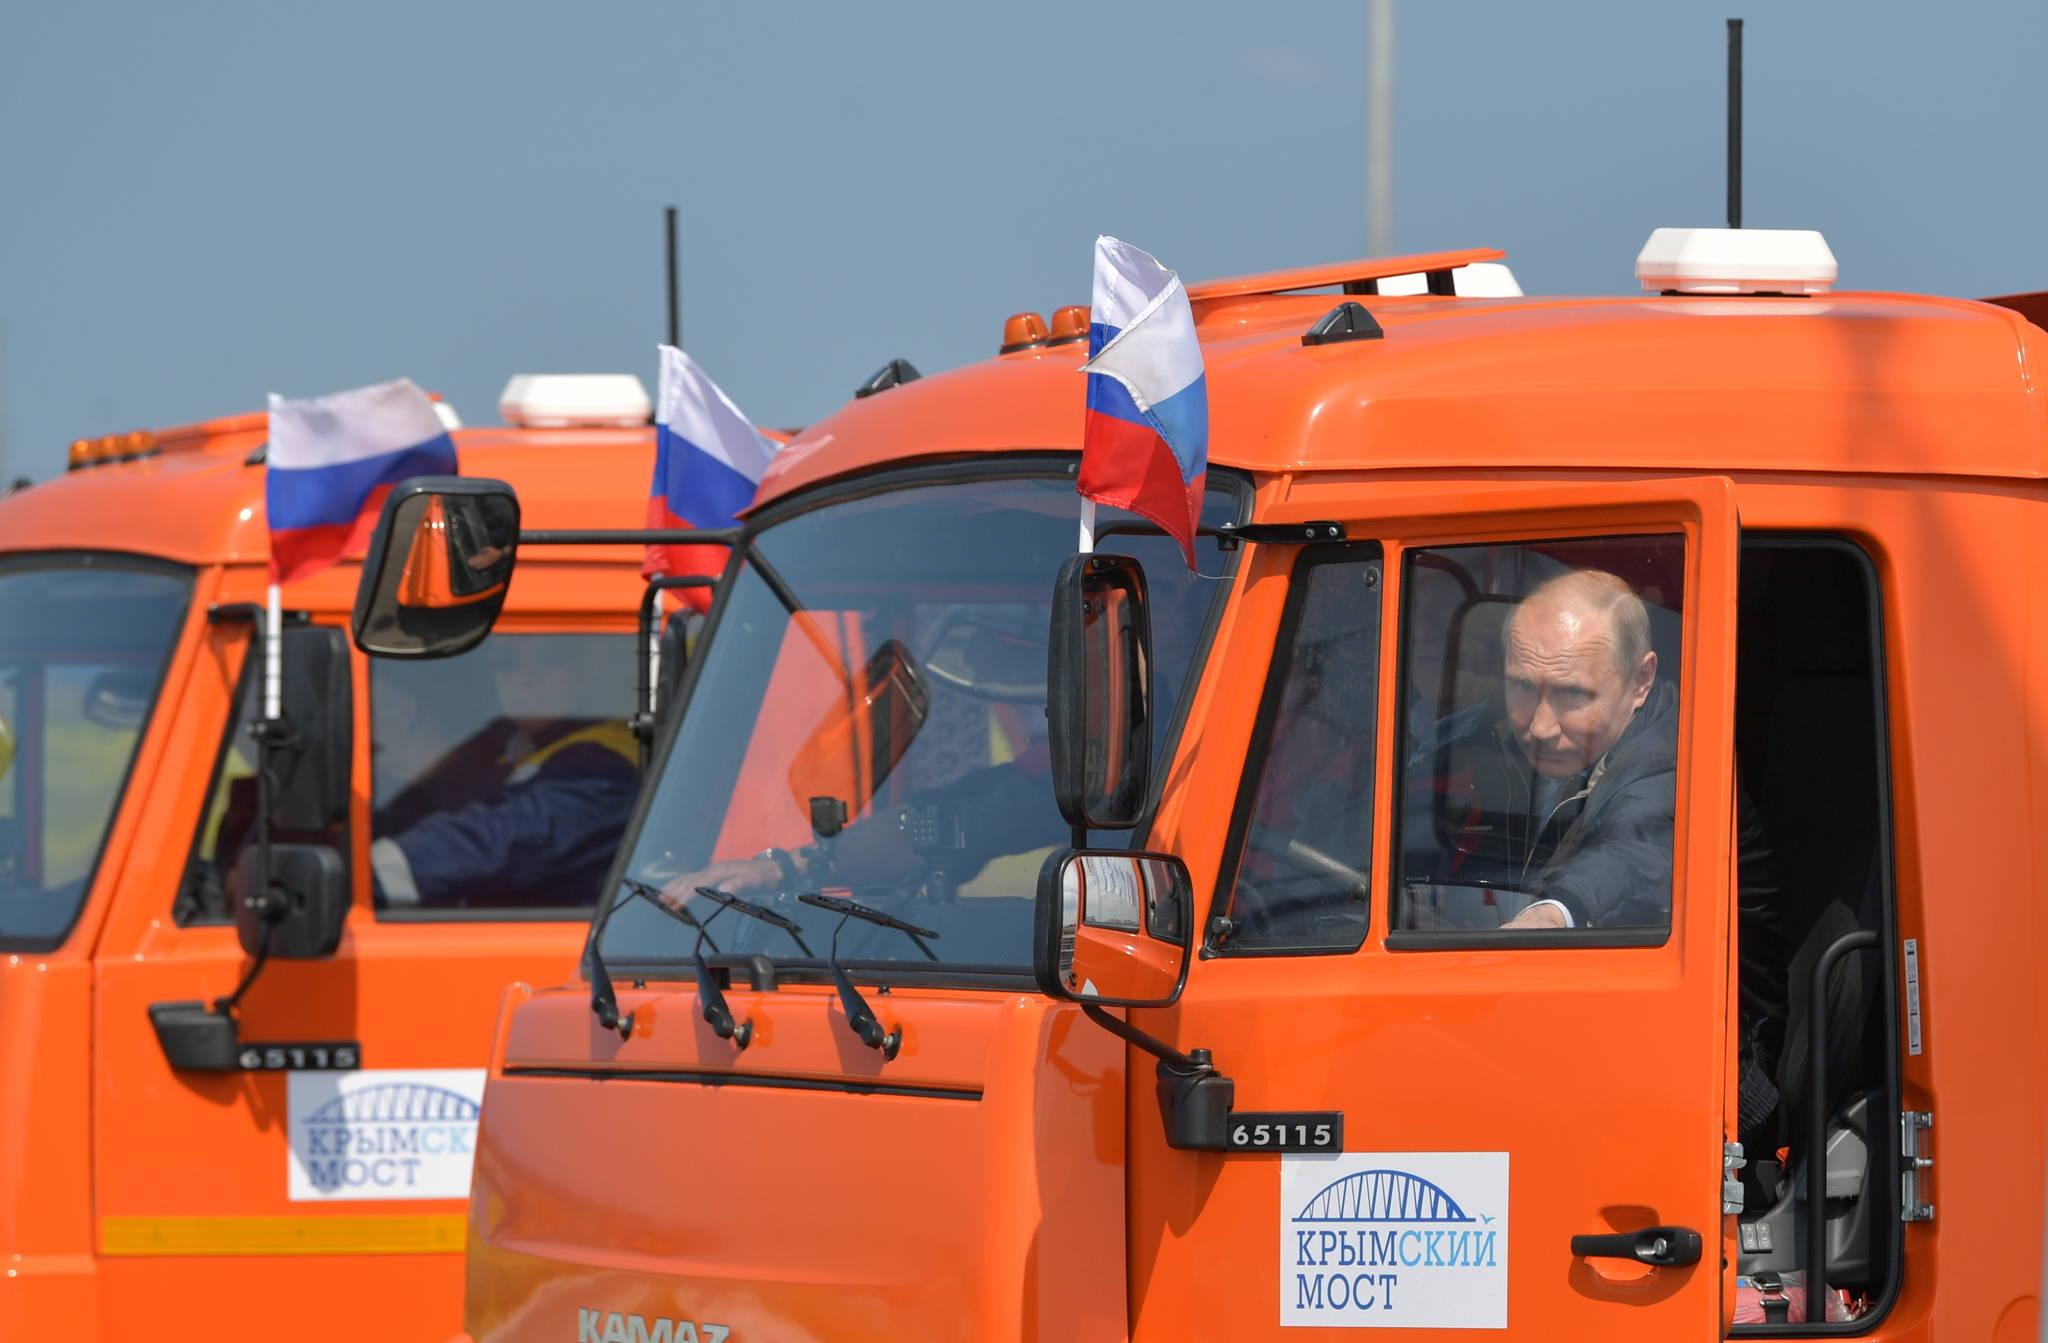 지난 5월 15일 블라디미르 푸틴 러시아 대통령이 러시아와 크림 반도를 잇는 크림교의 개통식에서 직접 운전을 하기 위해 트럭에 오르고 있다. [EPA=연합뉴스]